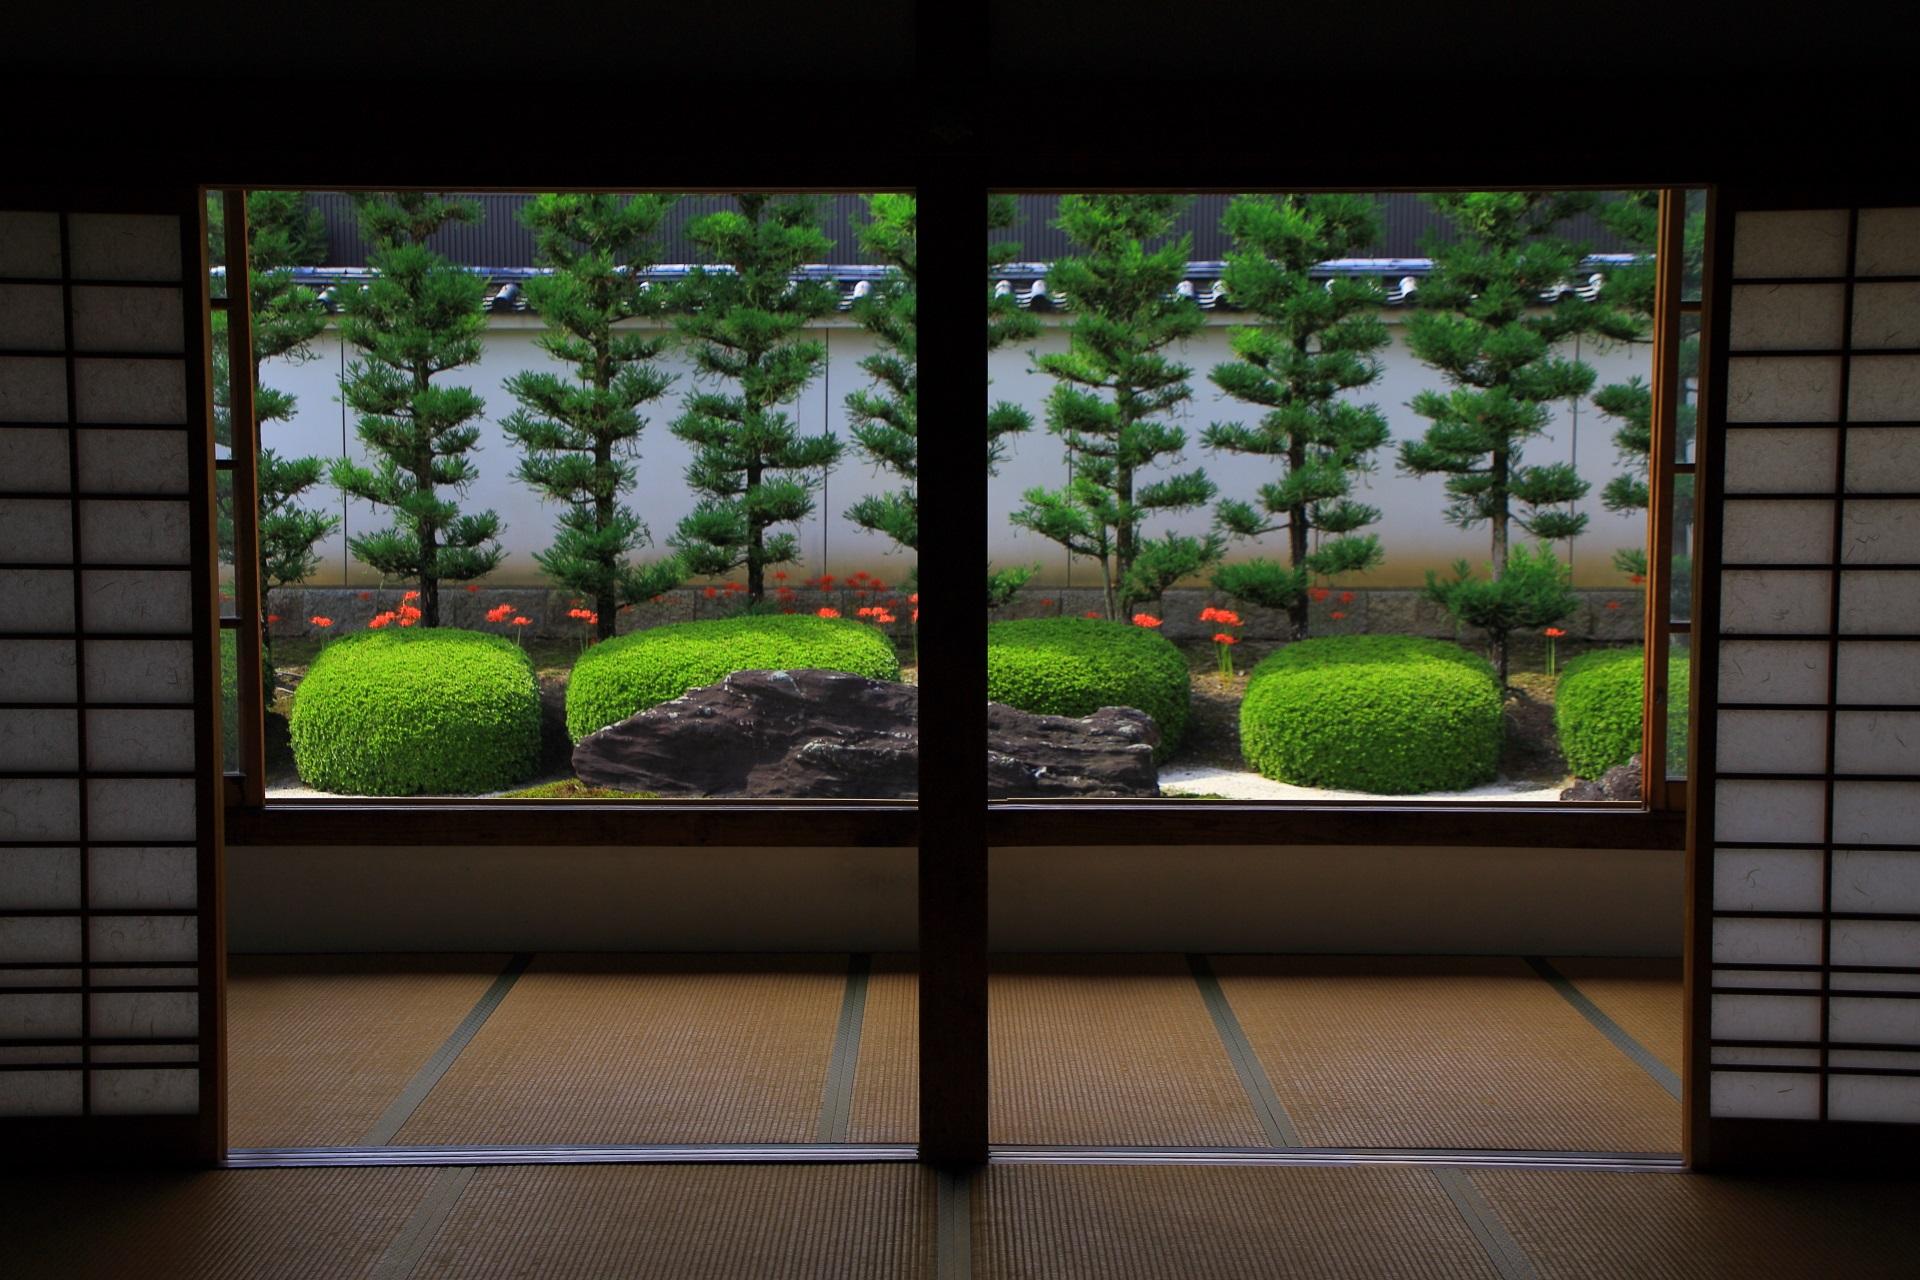 光の具合で浮かび上がる妙蓮寺の石庭の彼岸花